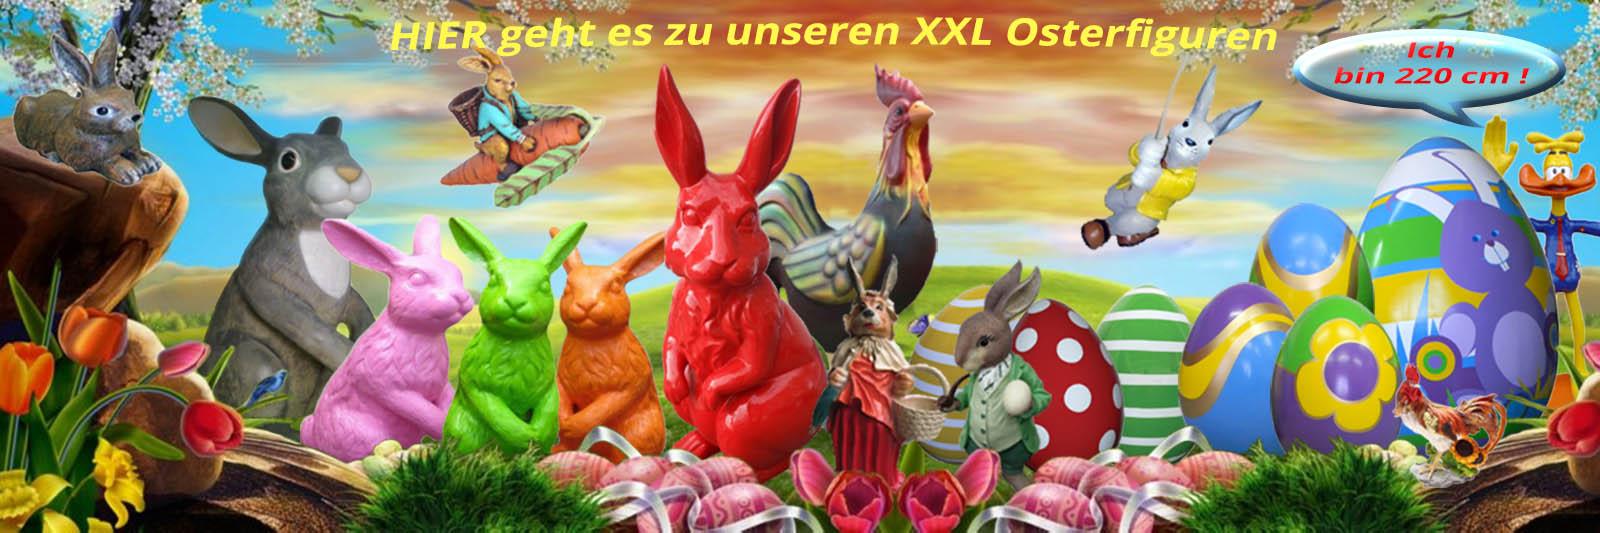 XXL Osterfiguren